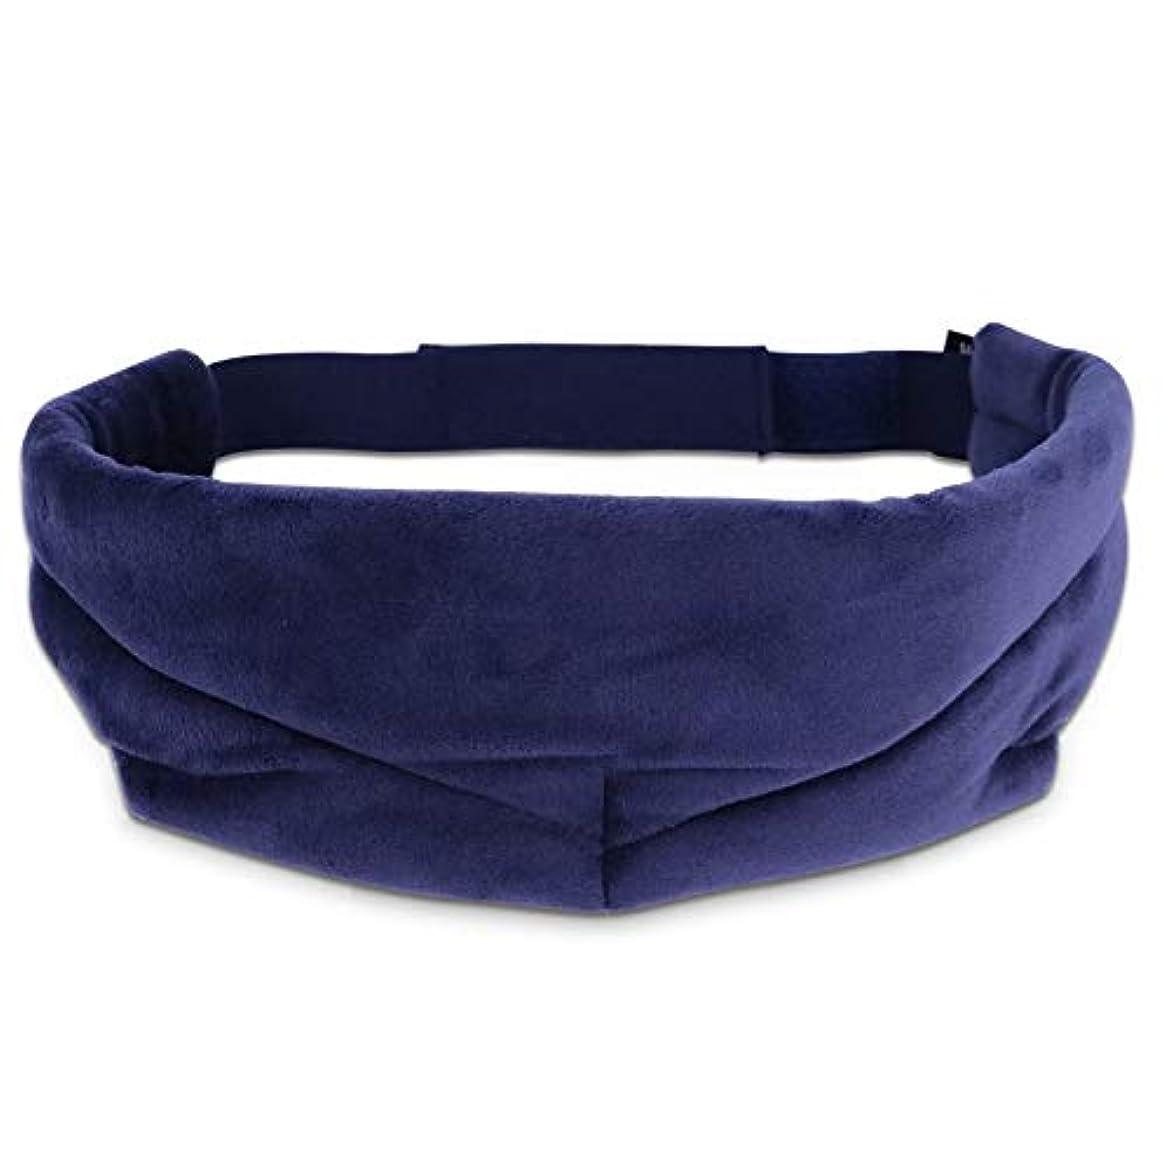 滴下債務人気のNOTE 調節可能なラベンダー旅行睡眠アイマスクアイシェード包帯用睡眠アイパッチ目隠しアイシェードシェーディングアイカバー3色